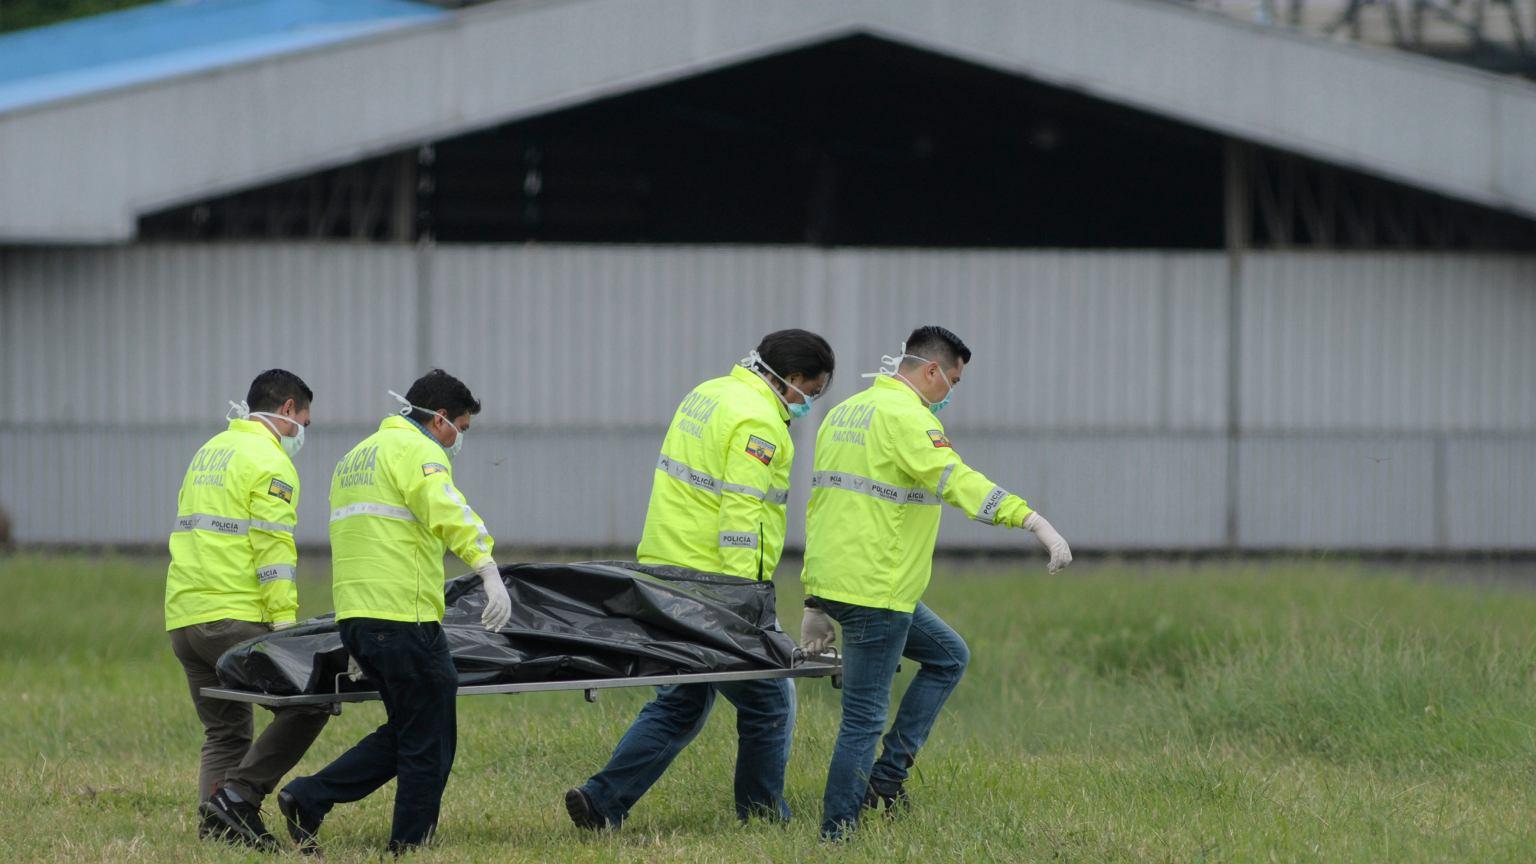 1aa2ce9a86f1c Jak podaje portal elcomercio.pe, po wystartowaniu samolotu z lotniska w  Guayaquil, z podwozia Boeinga 767-300 linii Latam Airlines wypadło dwóch  mężczyzn w ...